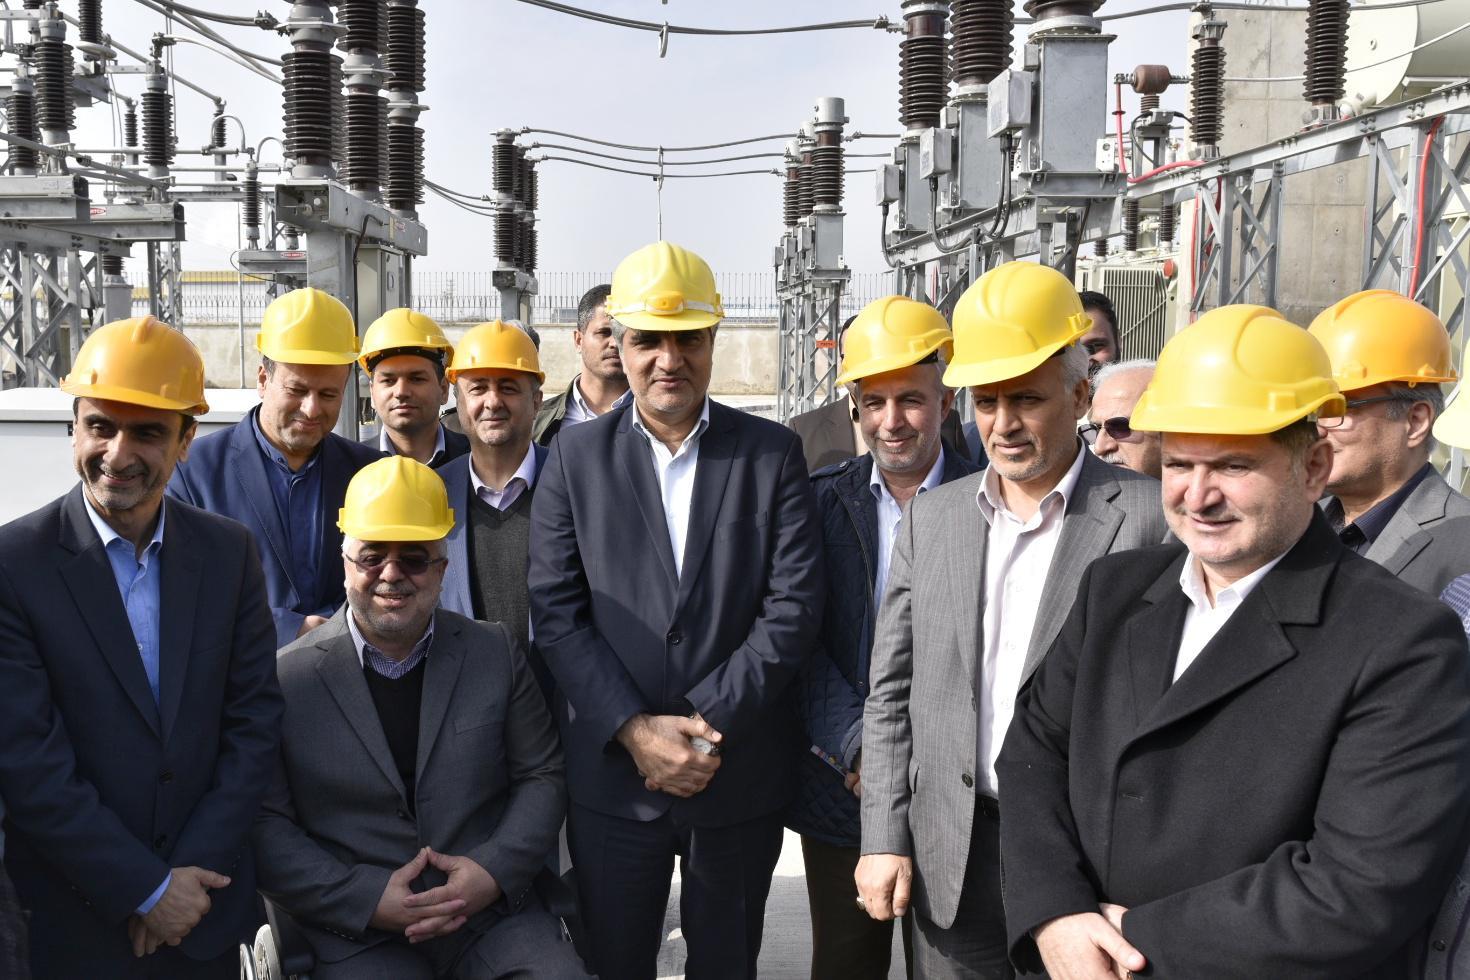 افتتاح و آغاز عملیات اجرایی سه پروژه ملی و زیربنایی برق منطقه ای گیلان